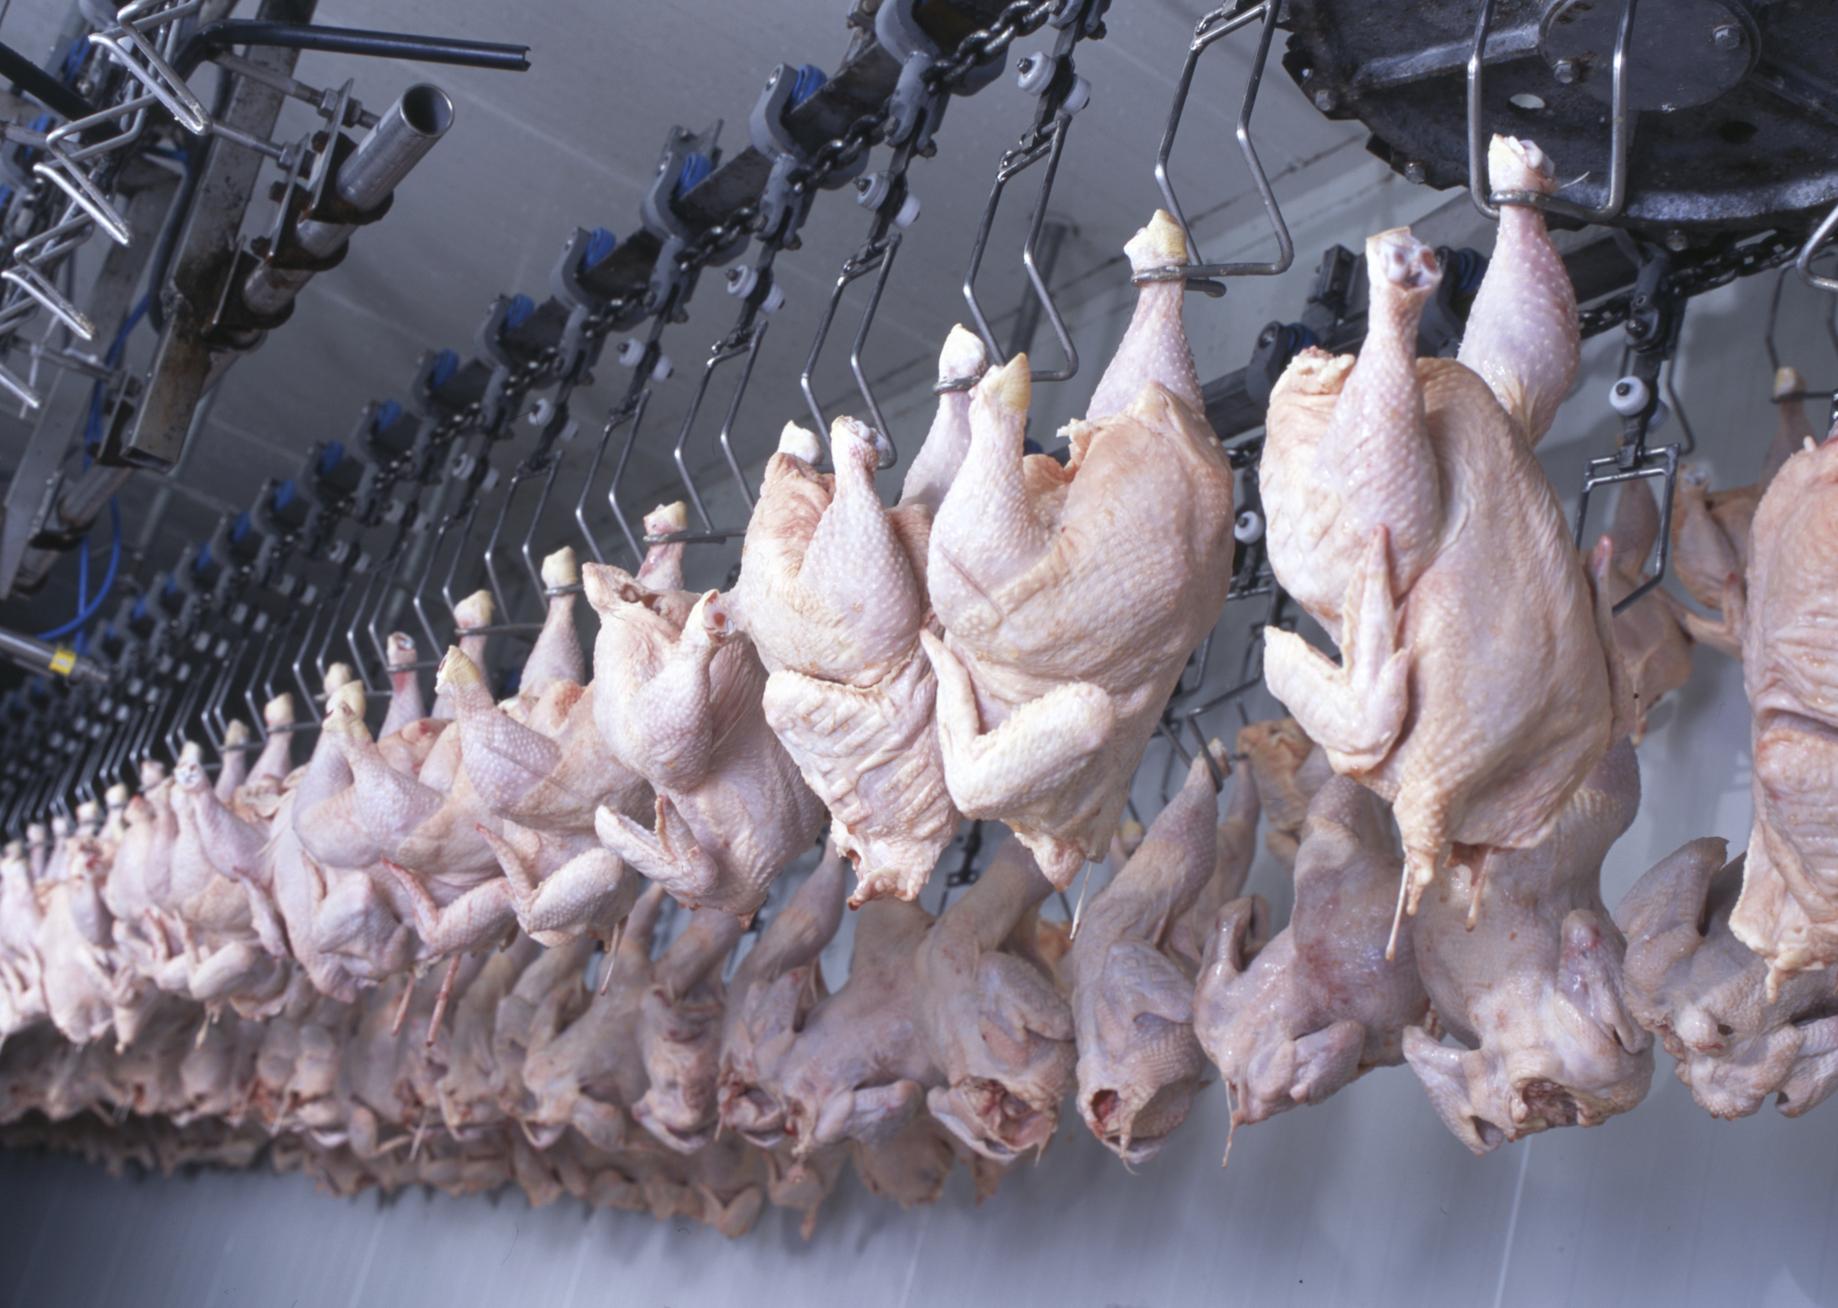 Poveri polli: soffocati, bolliti vivi o morti congelati! Negli Usa non ci sono adeguate normative per il benessere del pollame